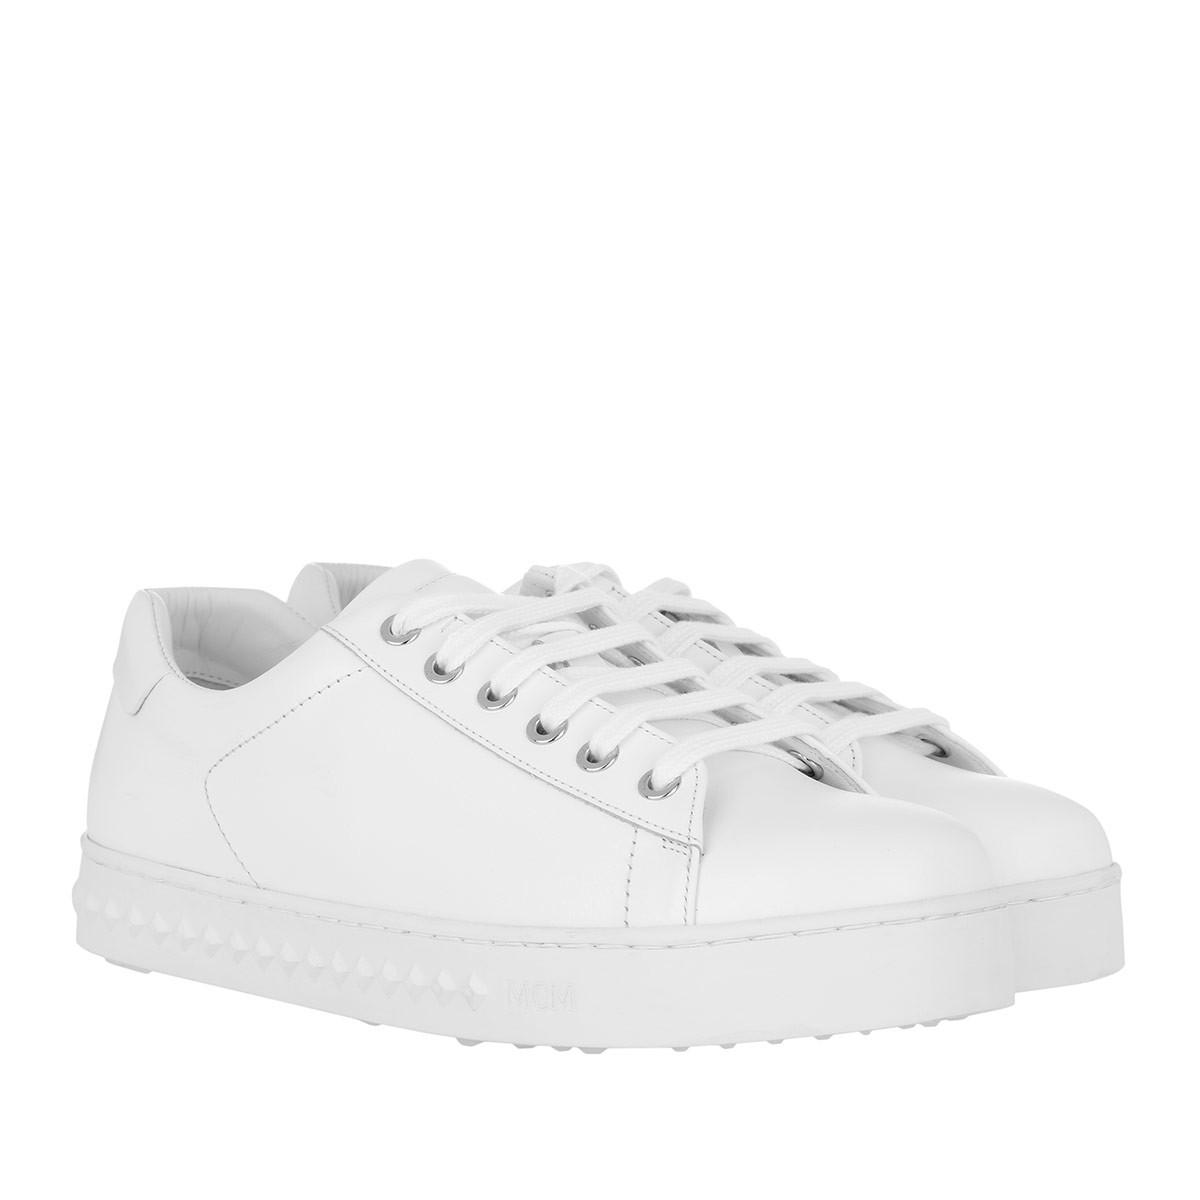 Sneakers Kopen Goedkope Goedkoopste Goedkoop 100% Gegarandeerd Authentiek Te Koop HrwhscbCr